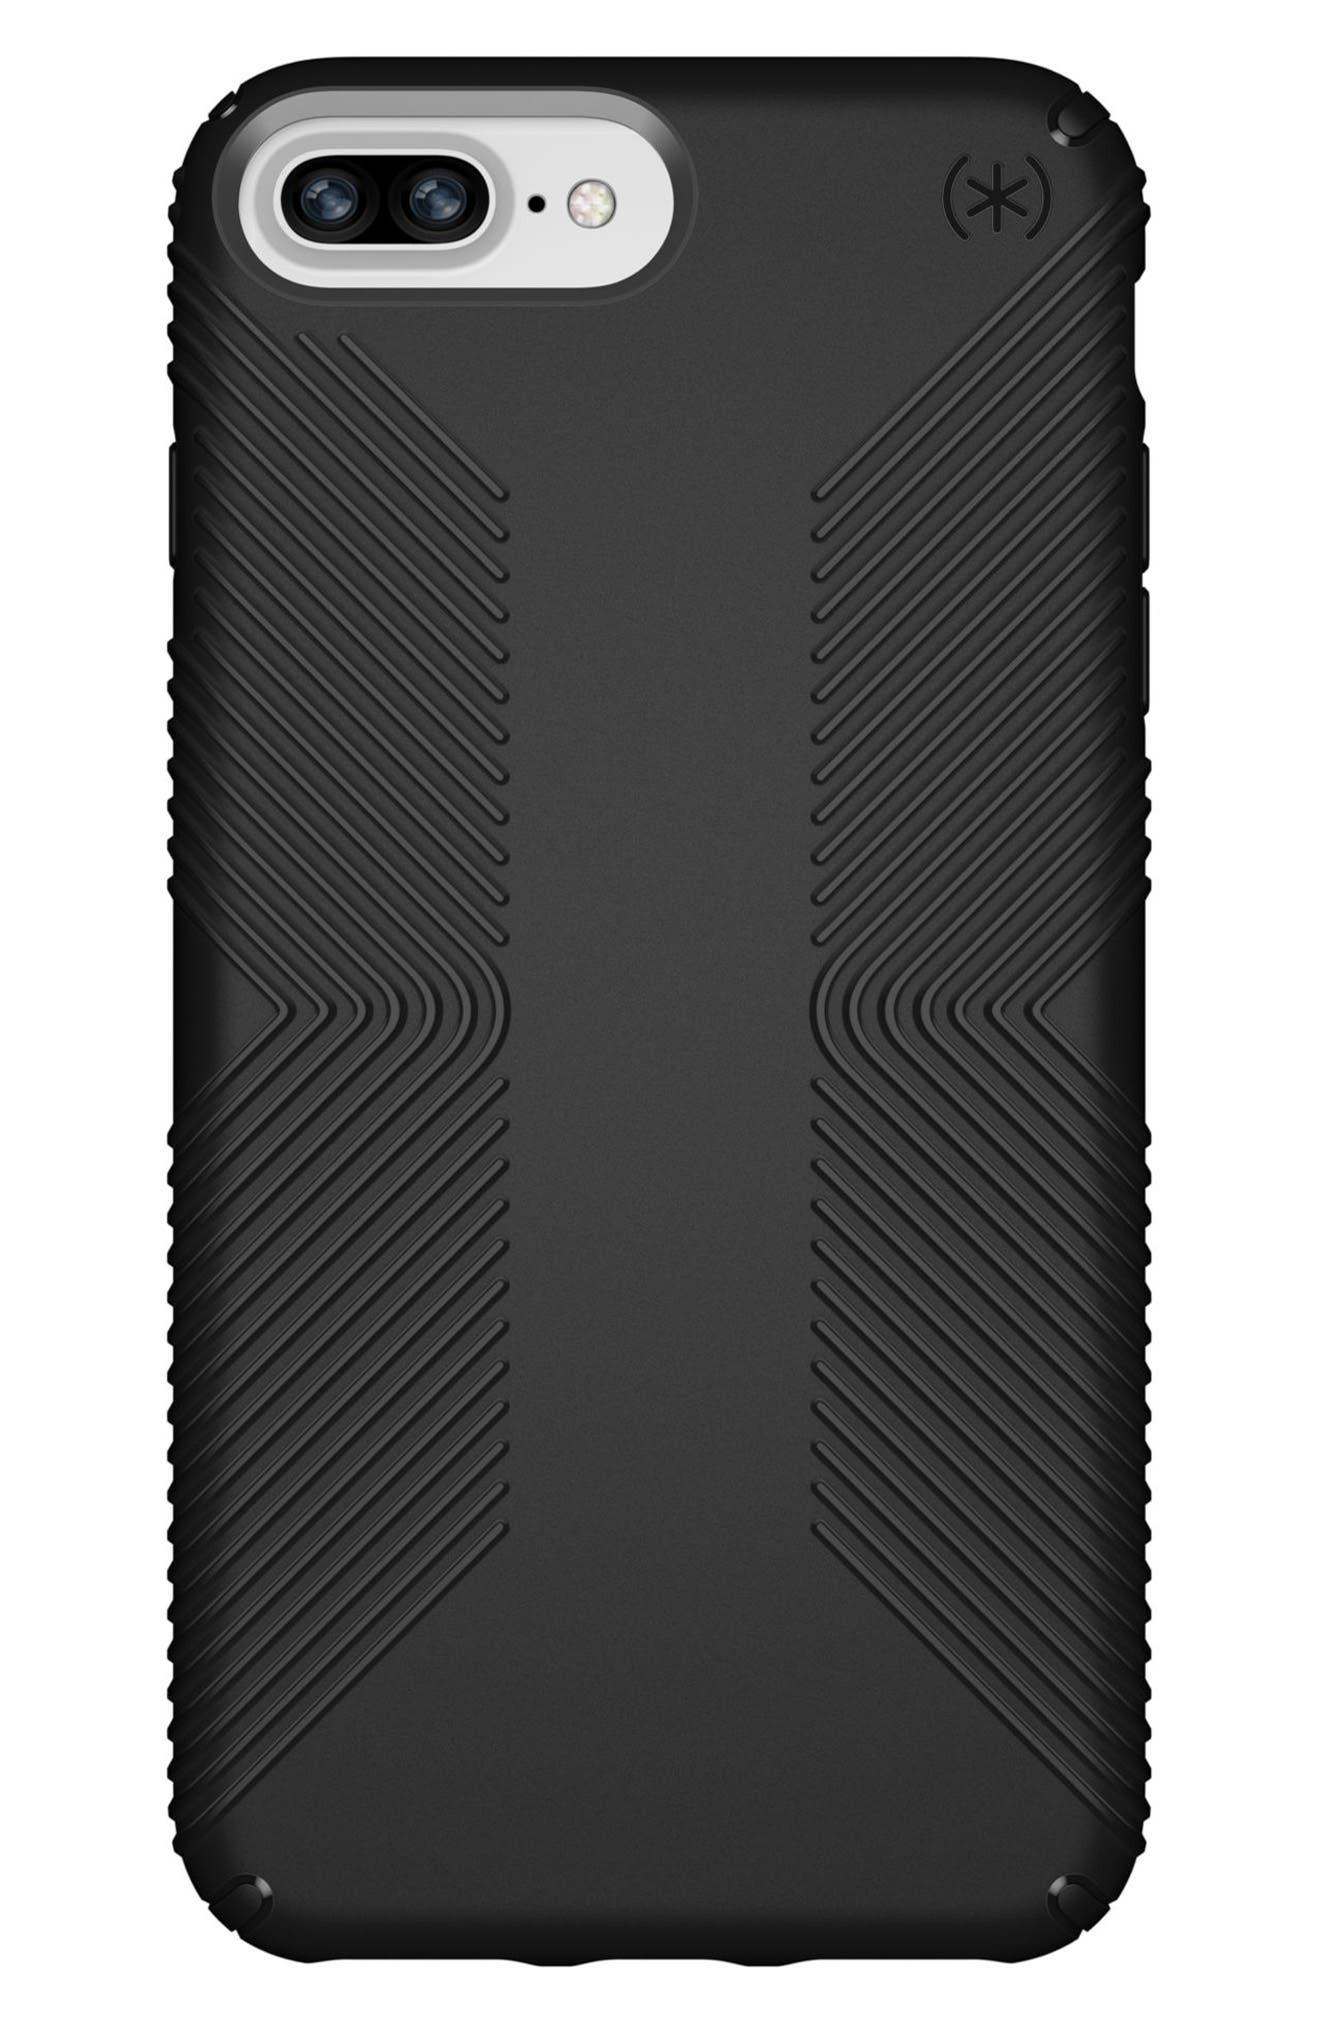 SPECK,                             Grip iPhone 6/6s/7/8 Plus Case,                             Main thumbnail 1, color,                             001